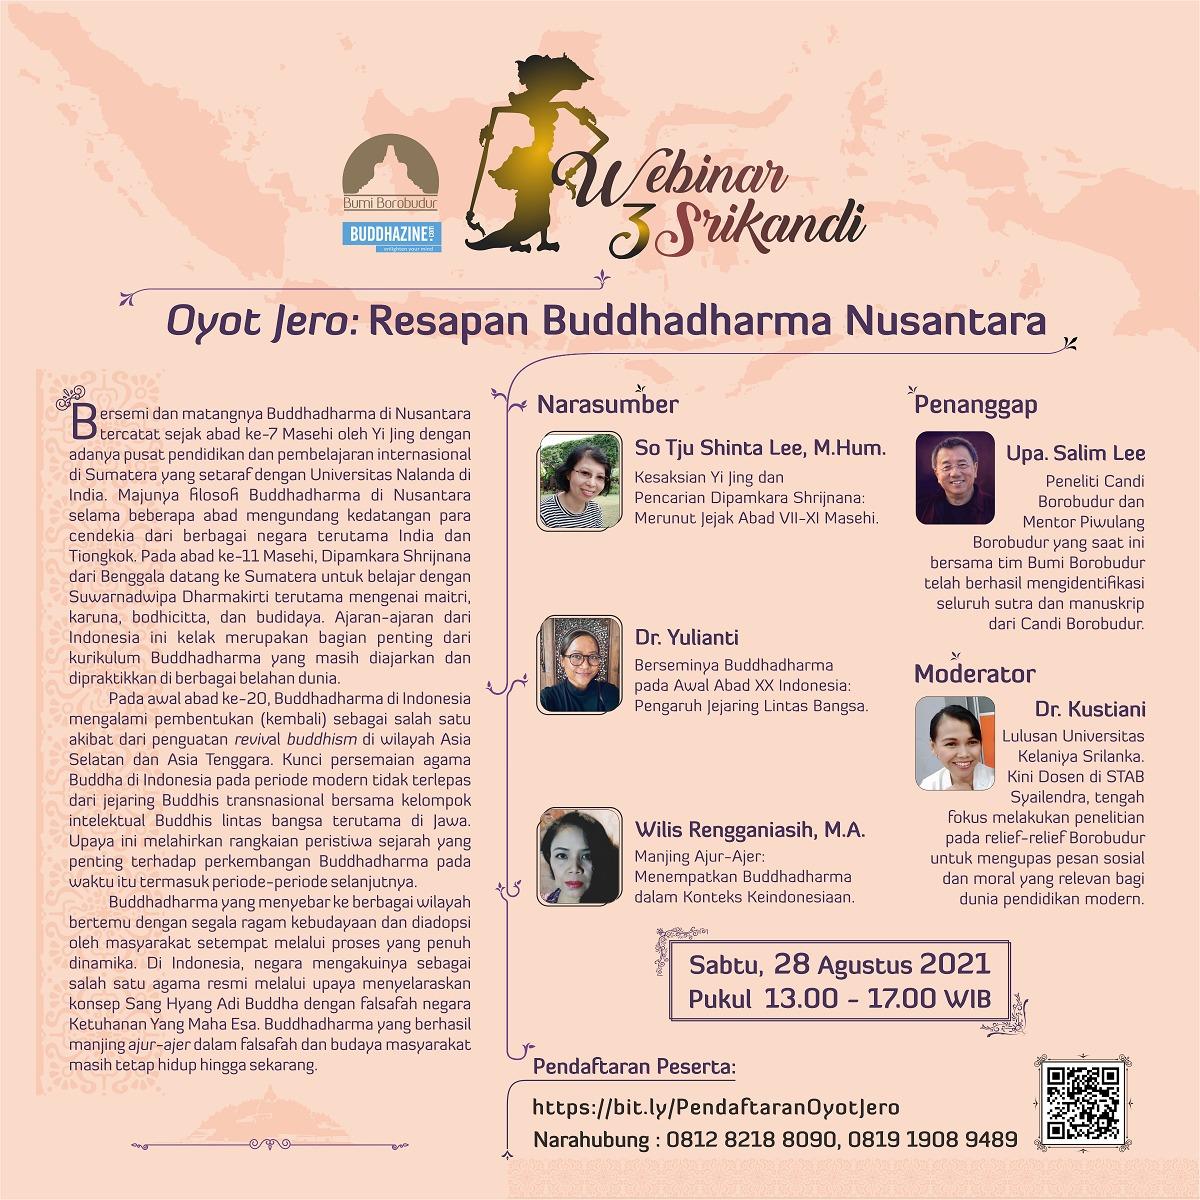 Oyot Jêro: Resapan Buddhadharma Nusantara